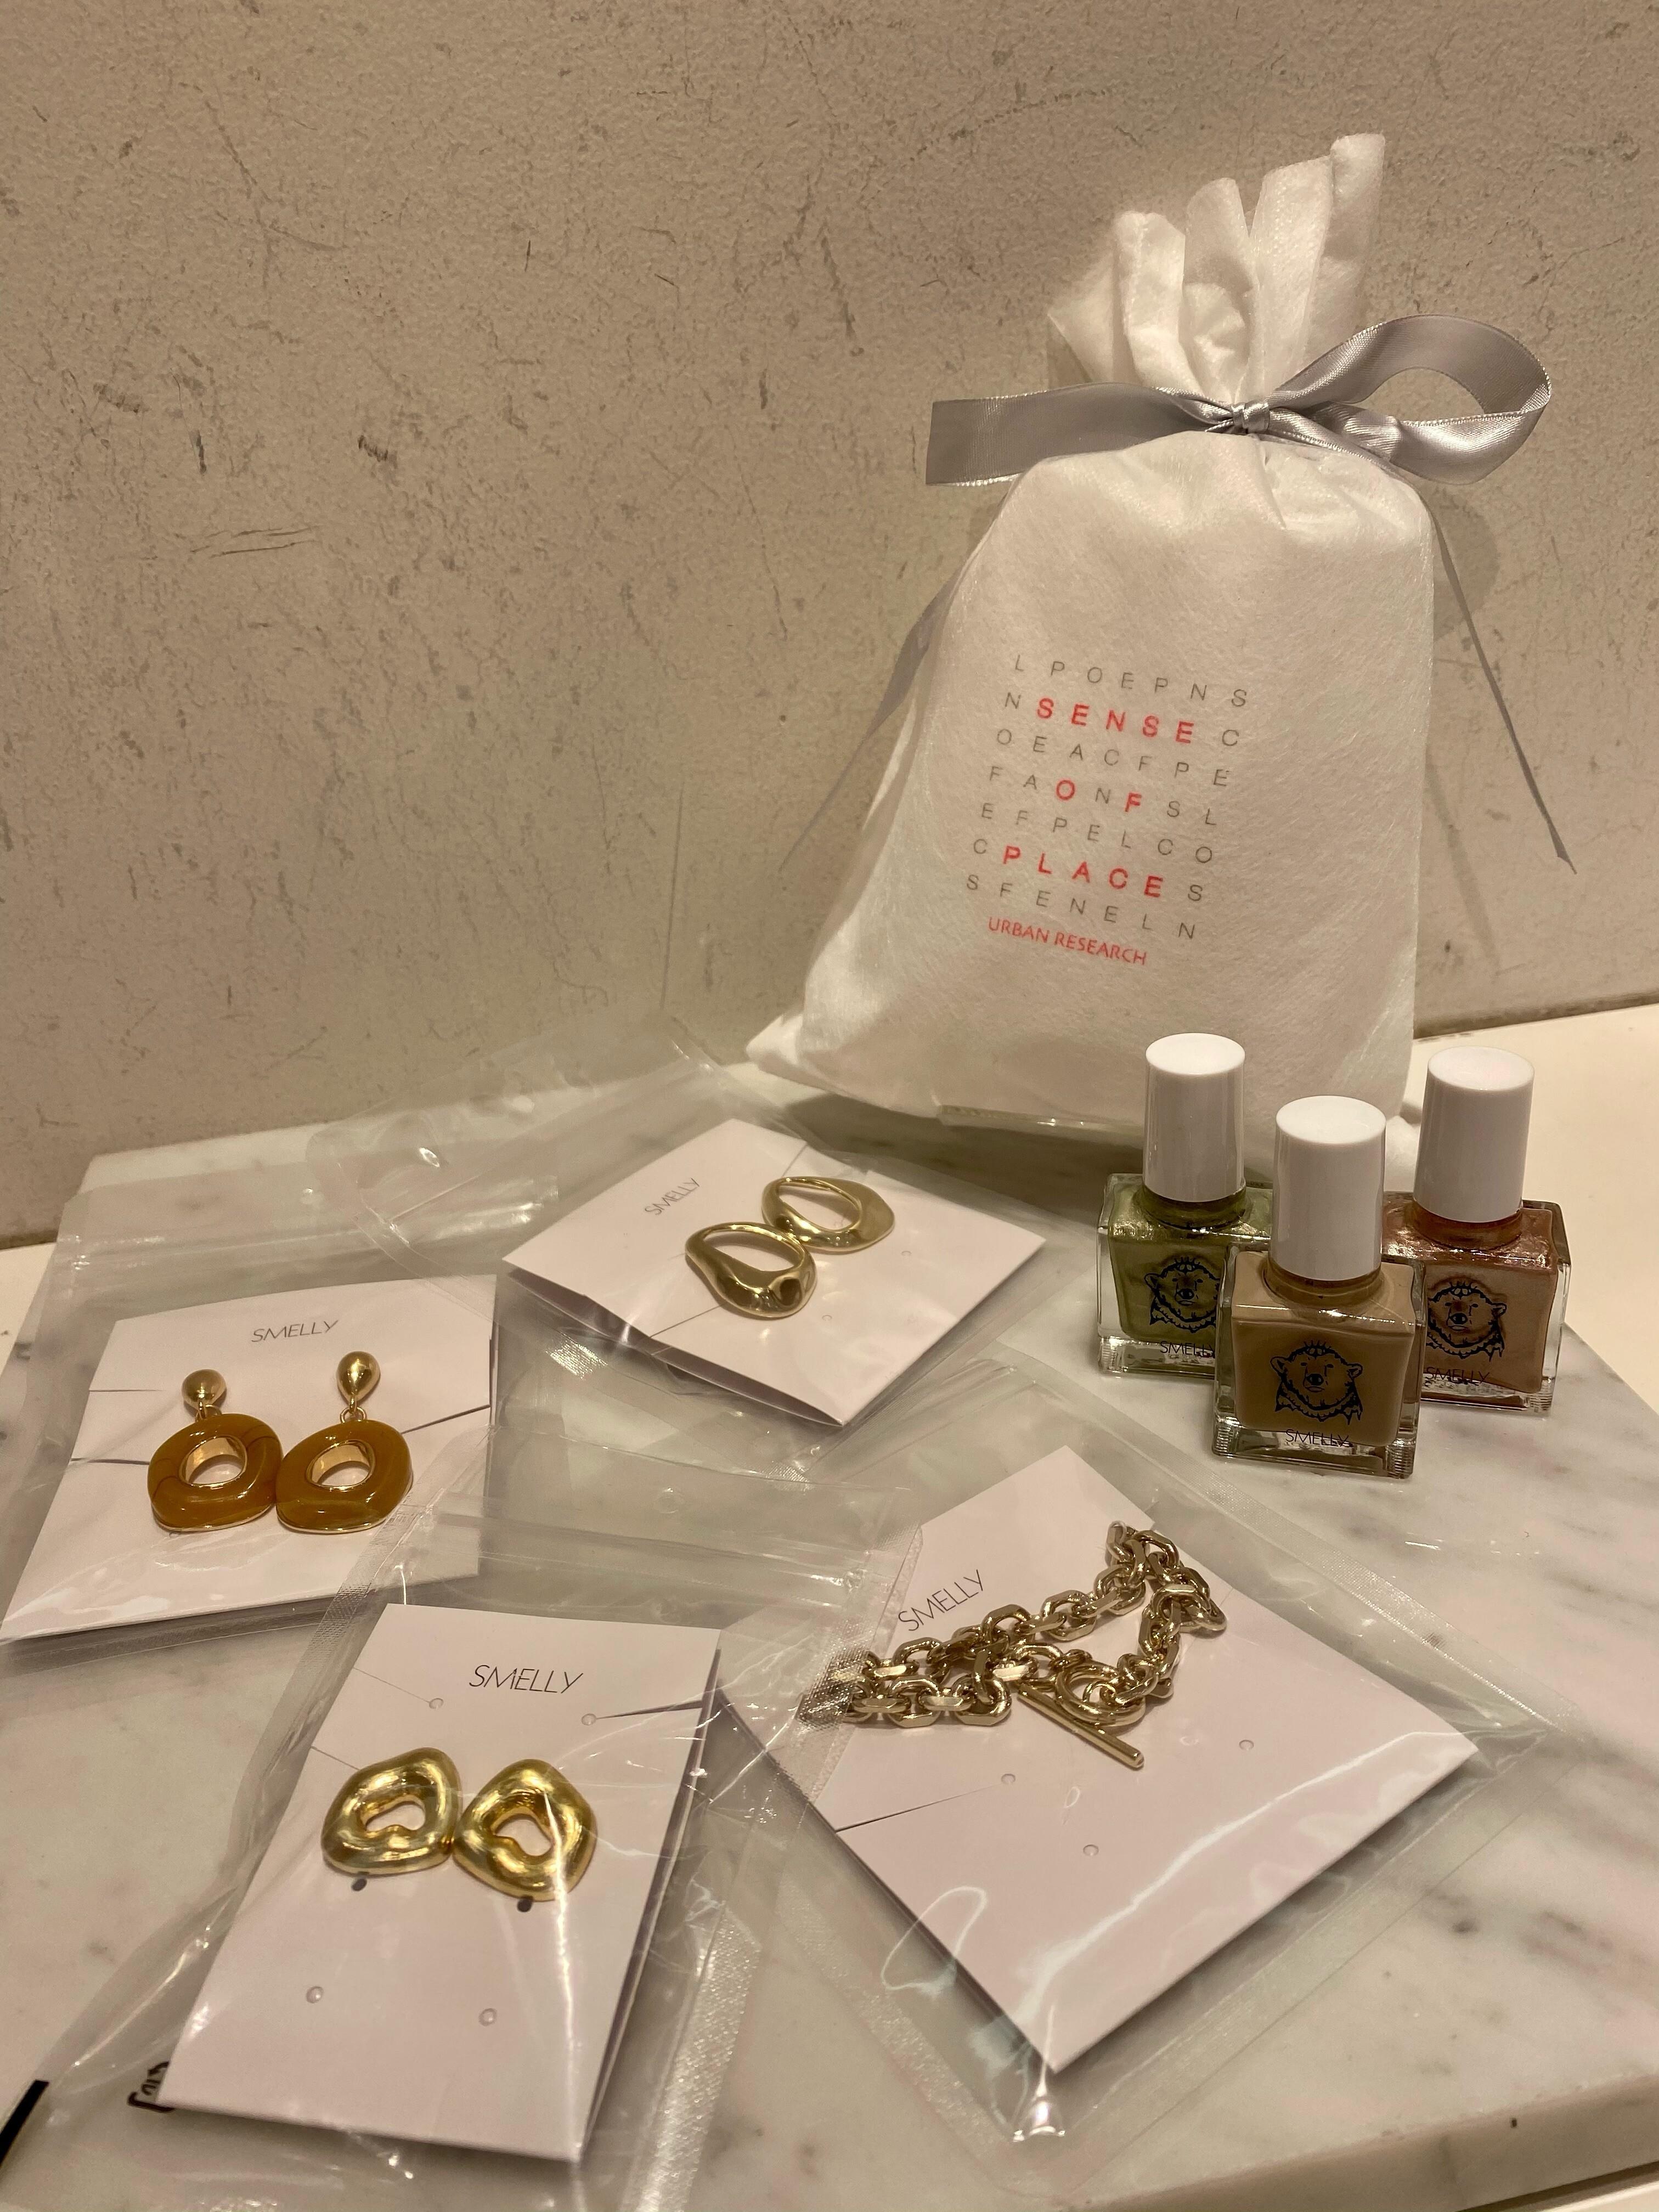 クリスマスギフトにぴったりな商品をご紹介します!!